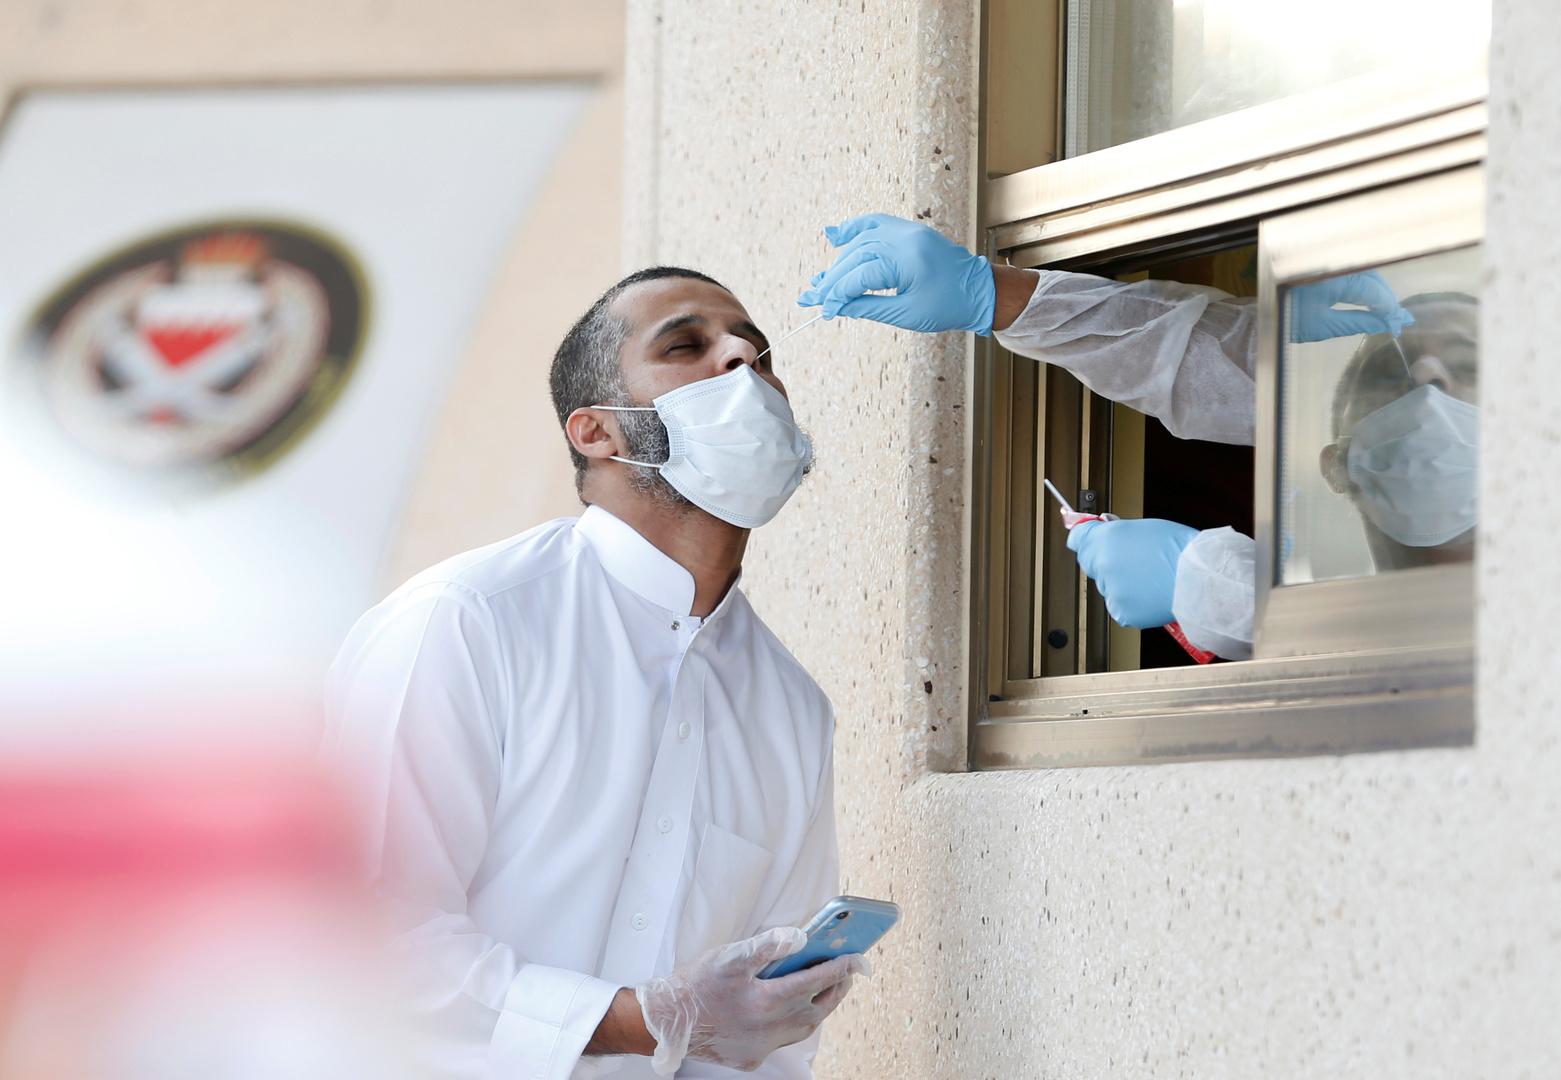 أمير سعودي يعلق على اكتشاف طبيب سعودي